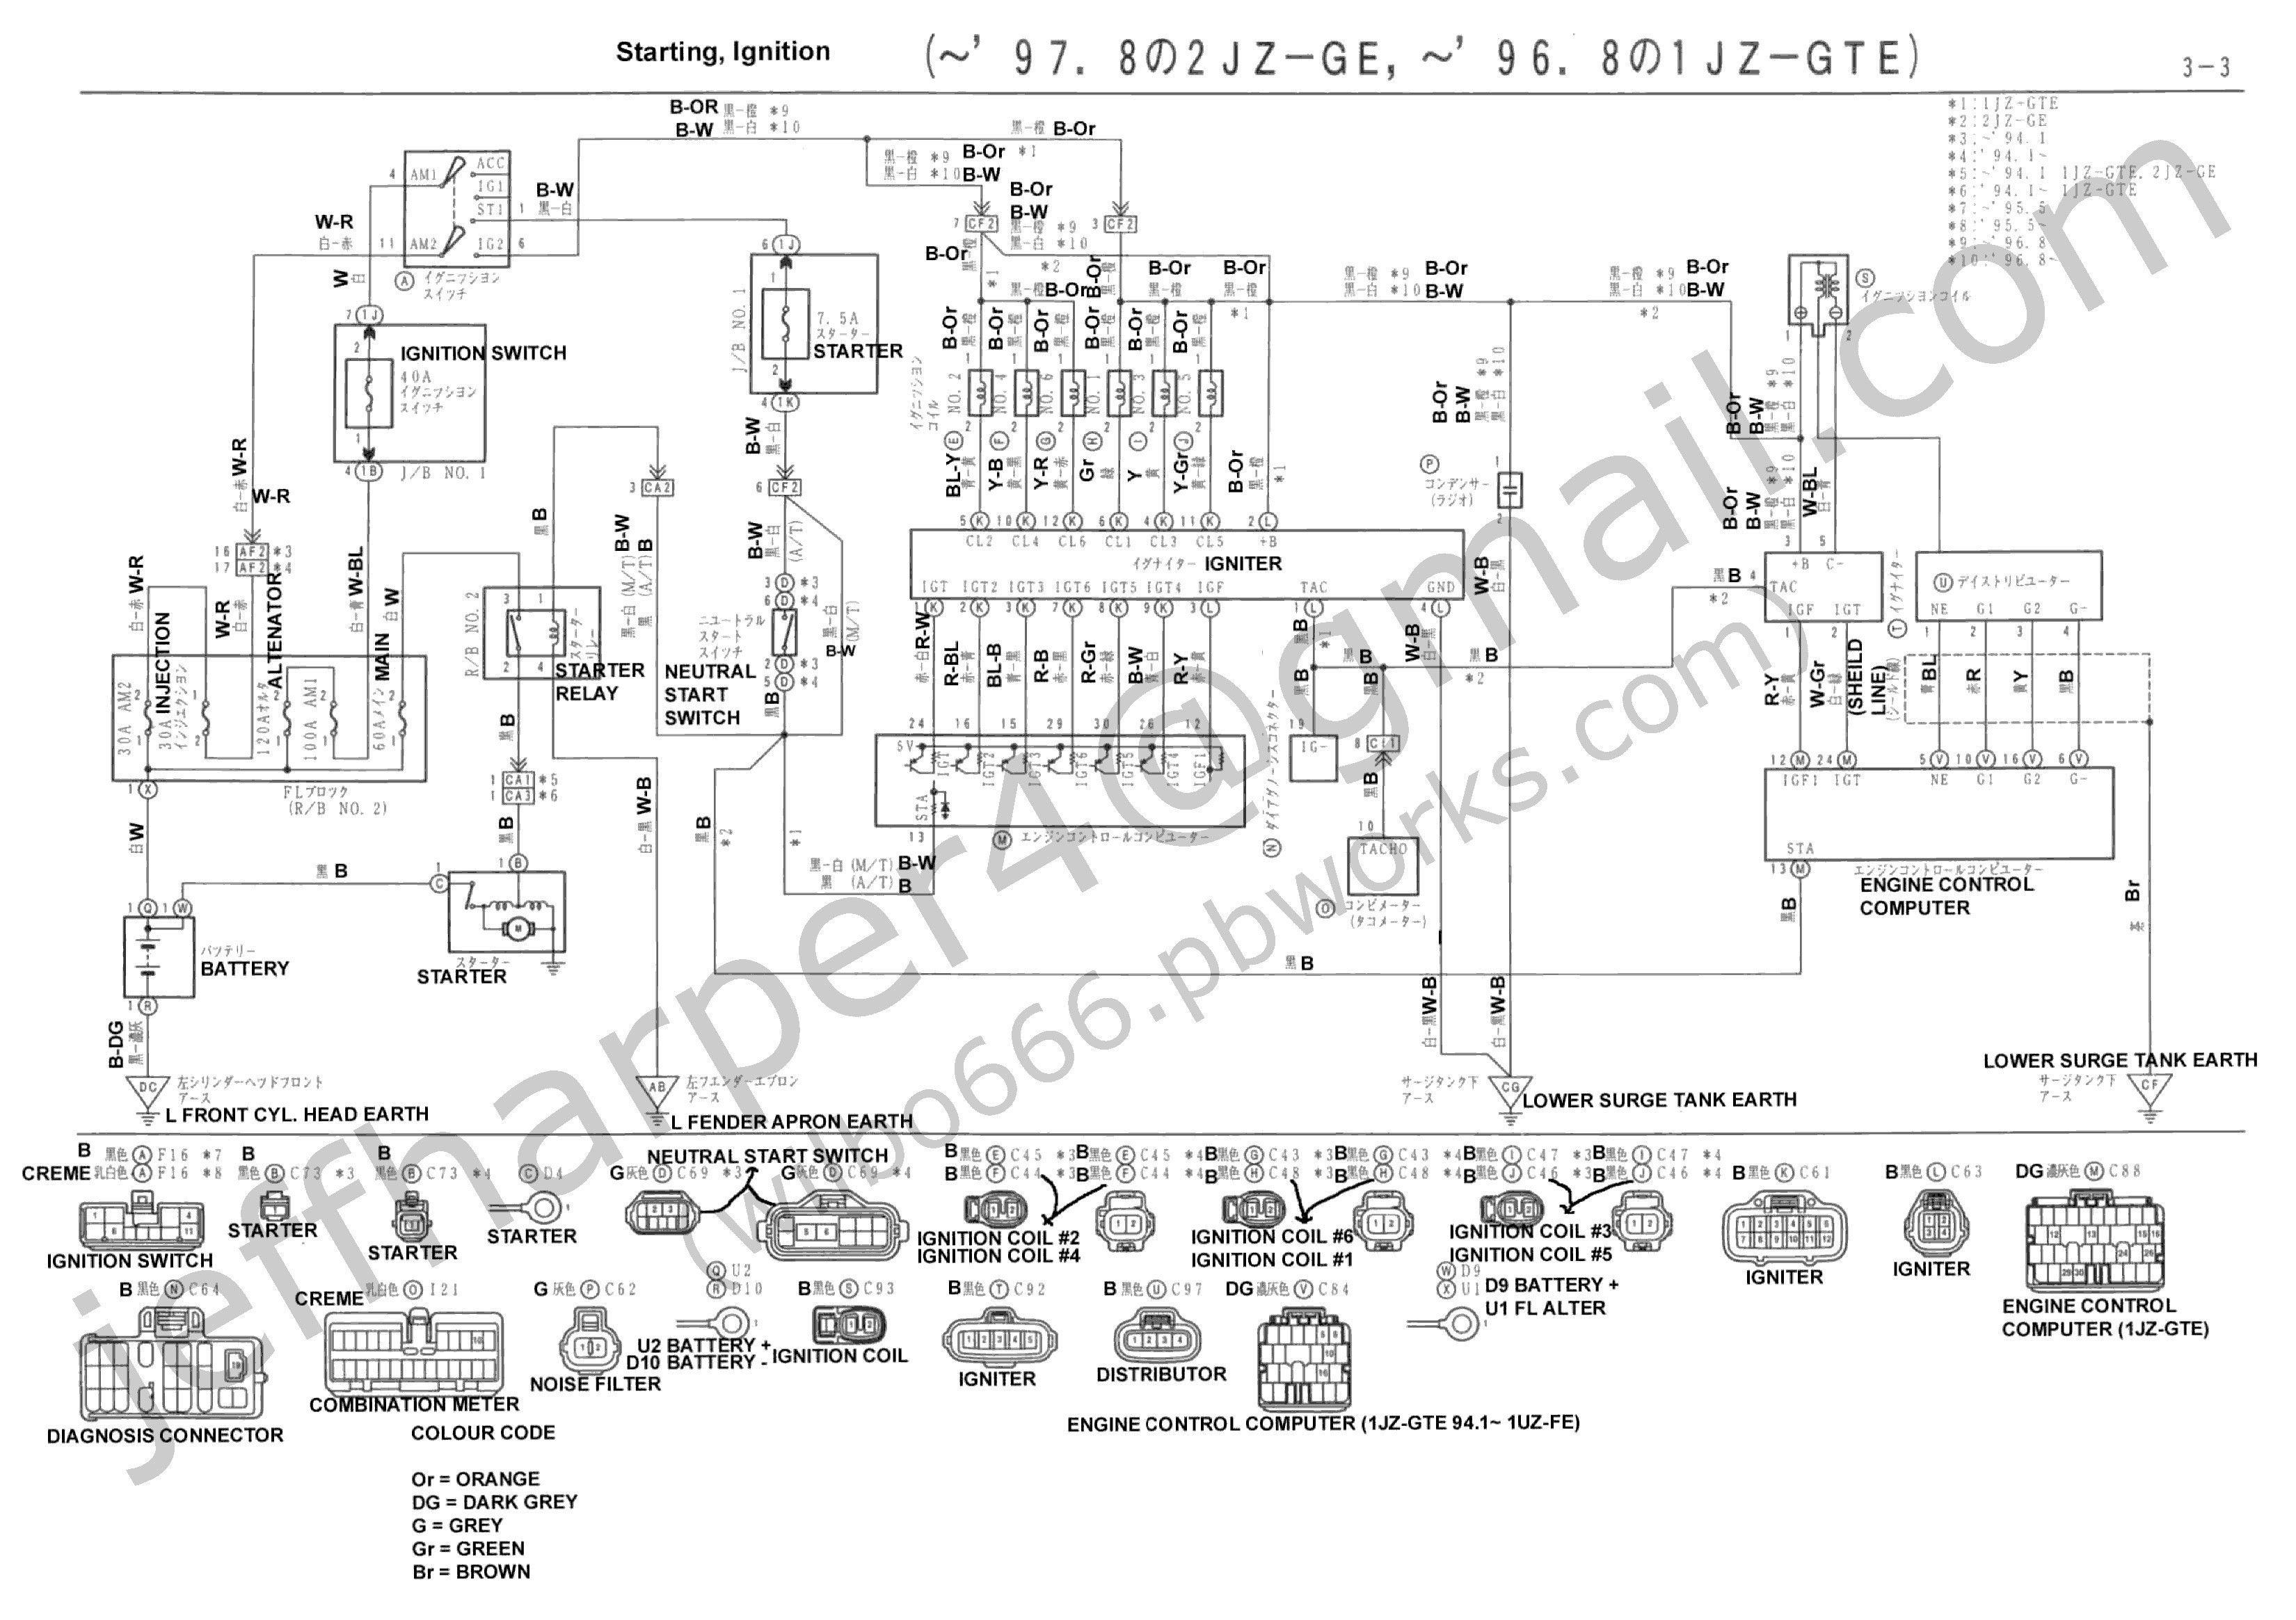 Beautiful Wiring Diagram Great Corolla Diagrams